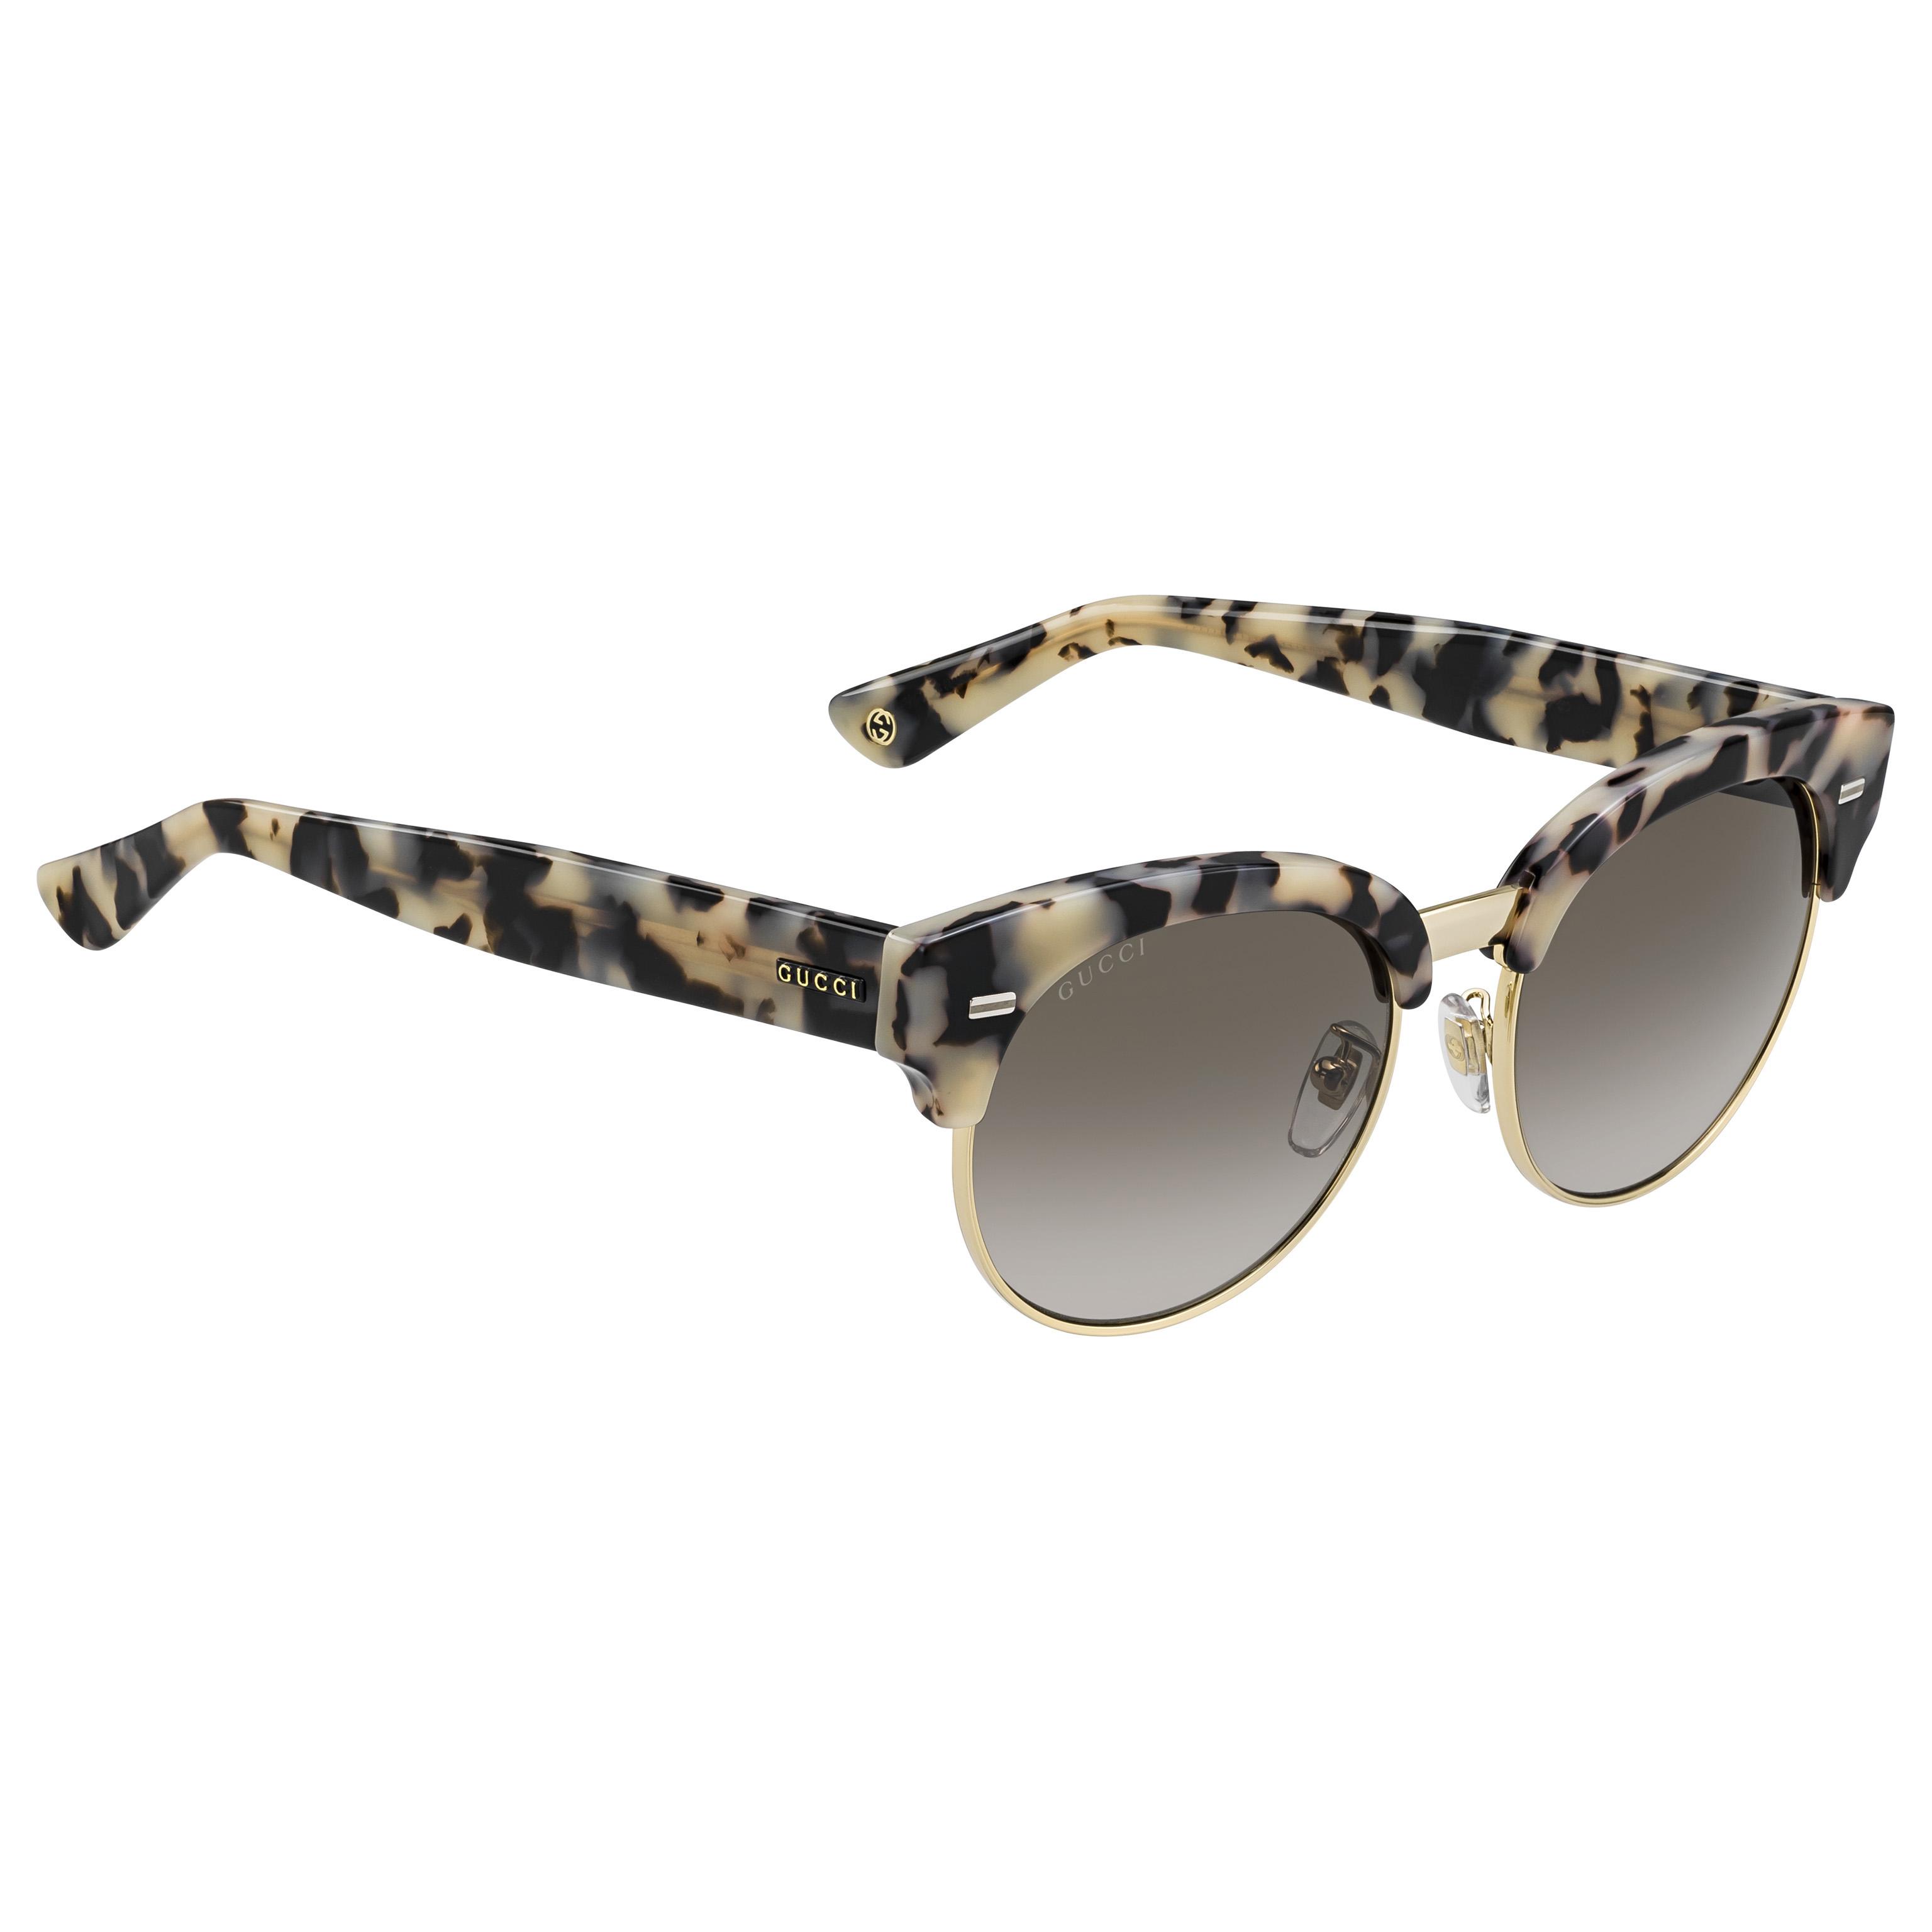 a1b001afcf2 Heel wat zonnebrillen zijn een subtiele knipoog naar de couturelijn of  accessoires. Denk maar aan de Gucci Bamboo zonnebrillen.